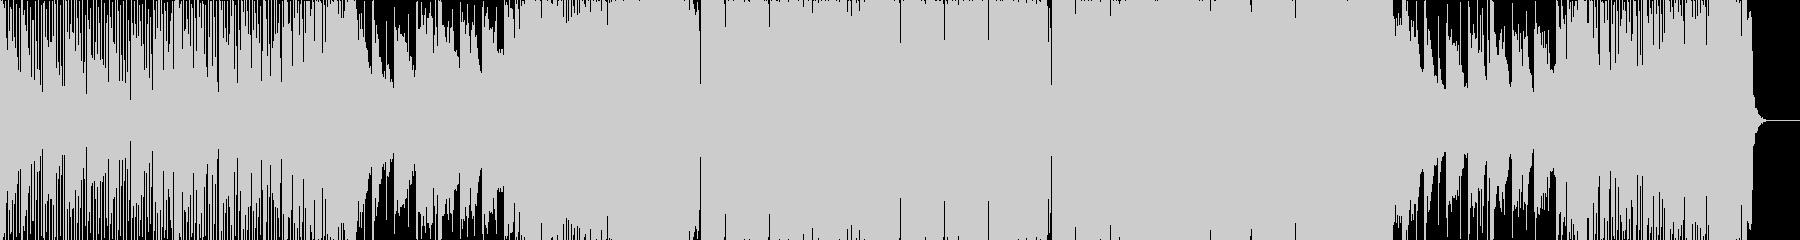 不思議な感じのトラップの未再生の波形